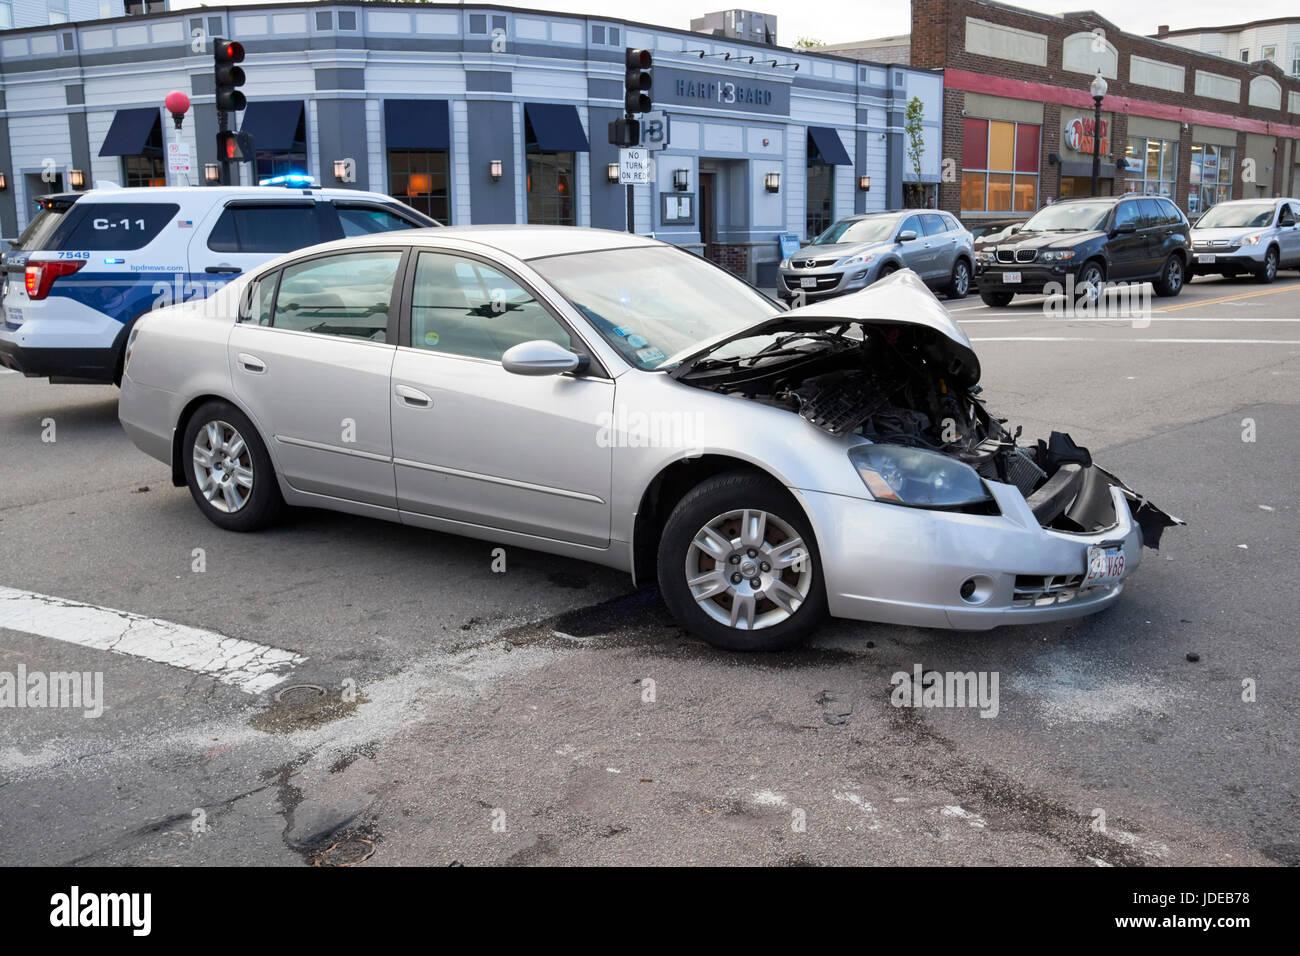 Car Smash Stock Photos Amp Car Smash Stock Images Alamy